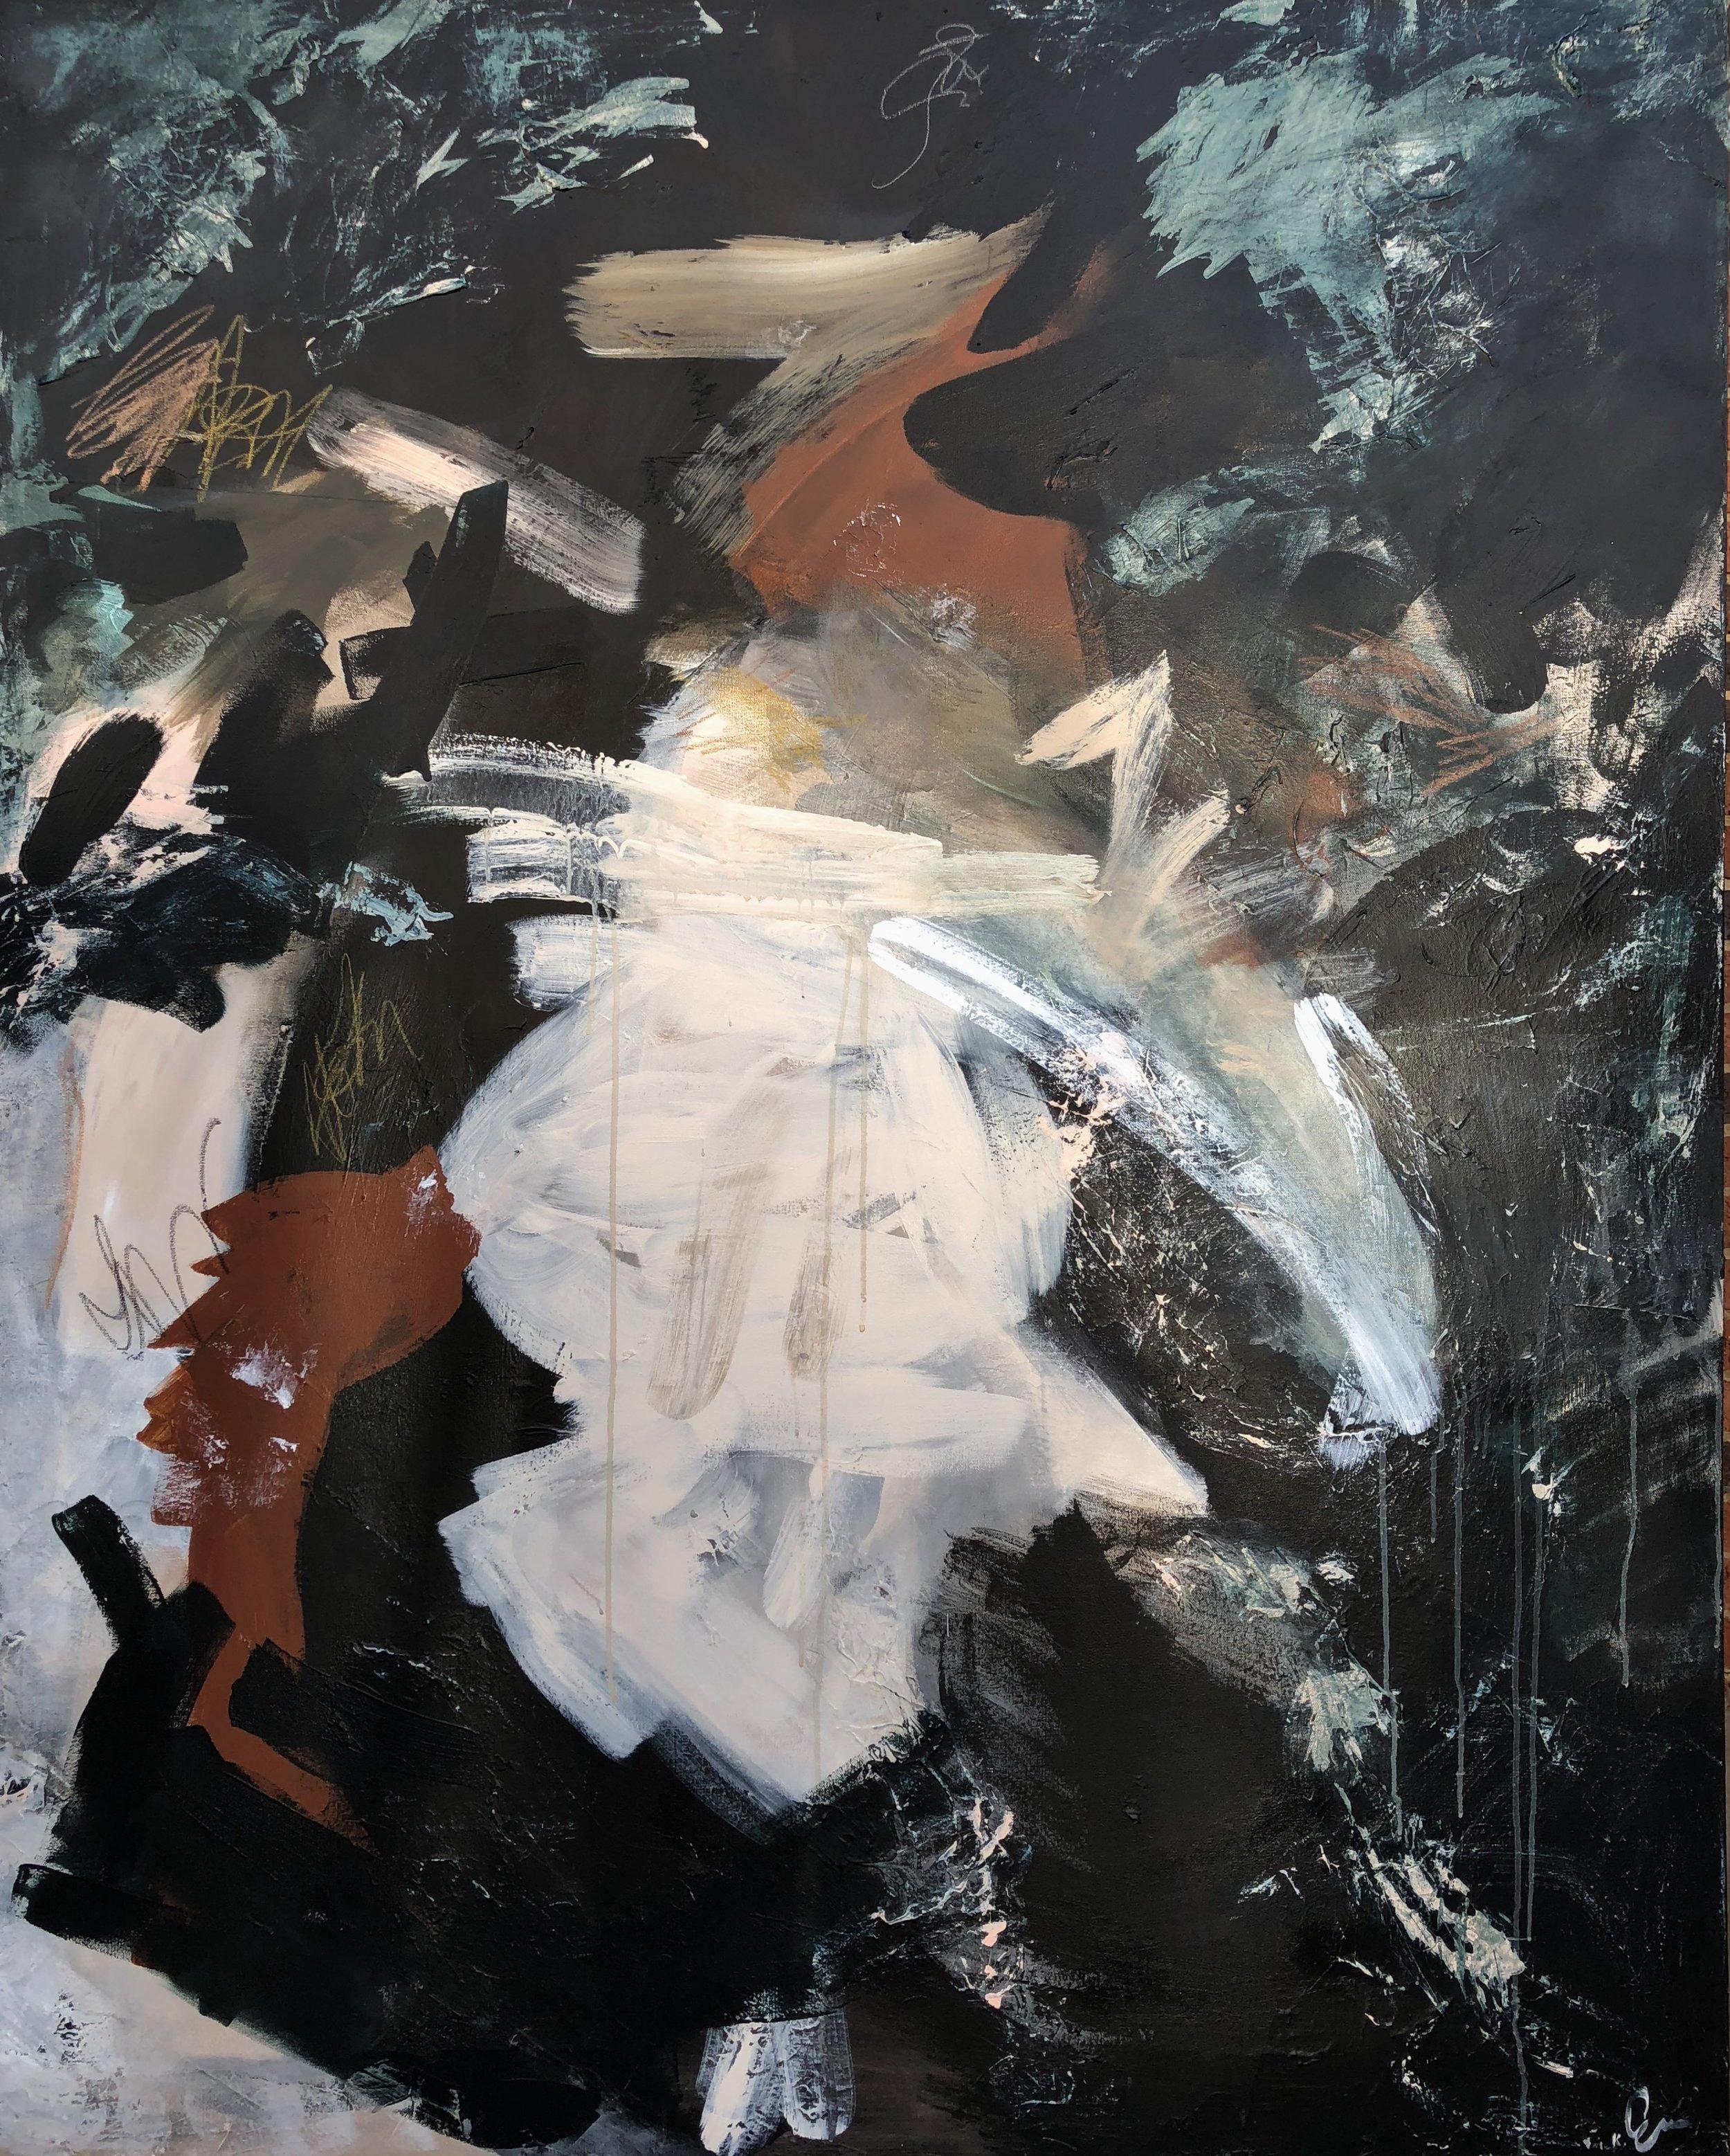 WALTZ - mixed media on caNvas | 48 x 60